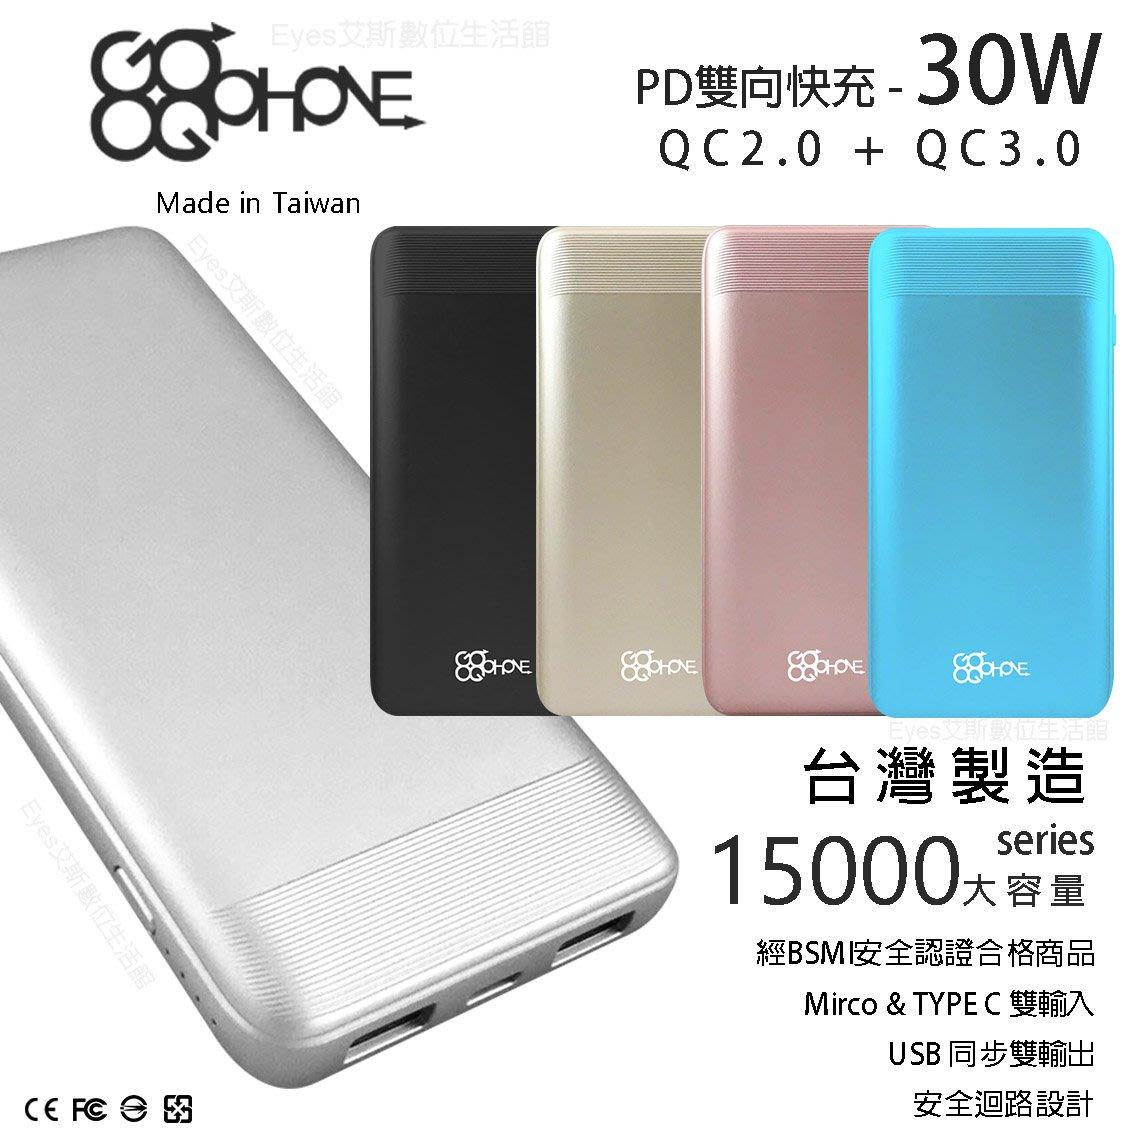 嘉義館 POT-090 行動電源〈GoGoPhone〉15000 PD QC2.0 QC3.0 30W 雙輸出移動隨身充